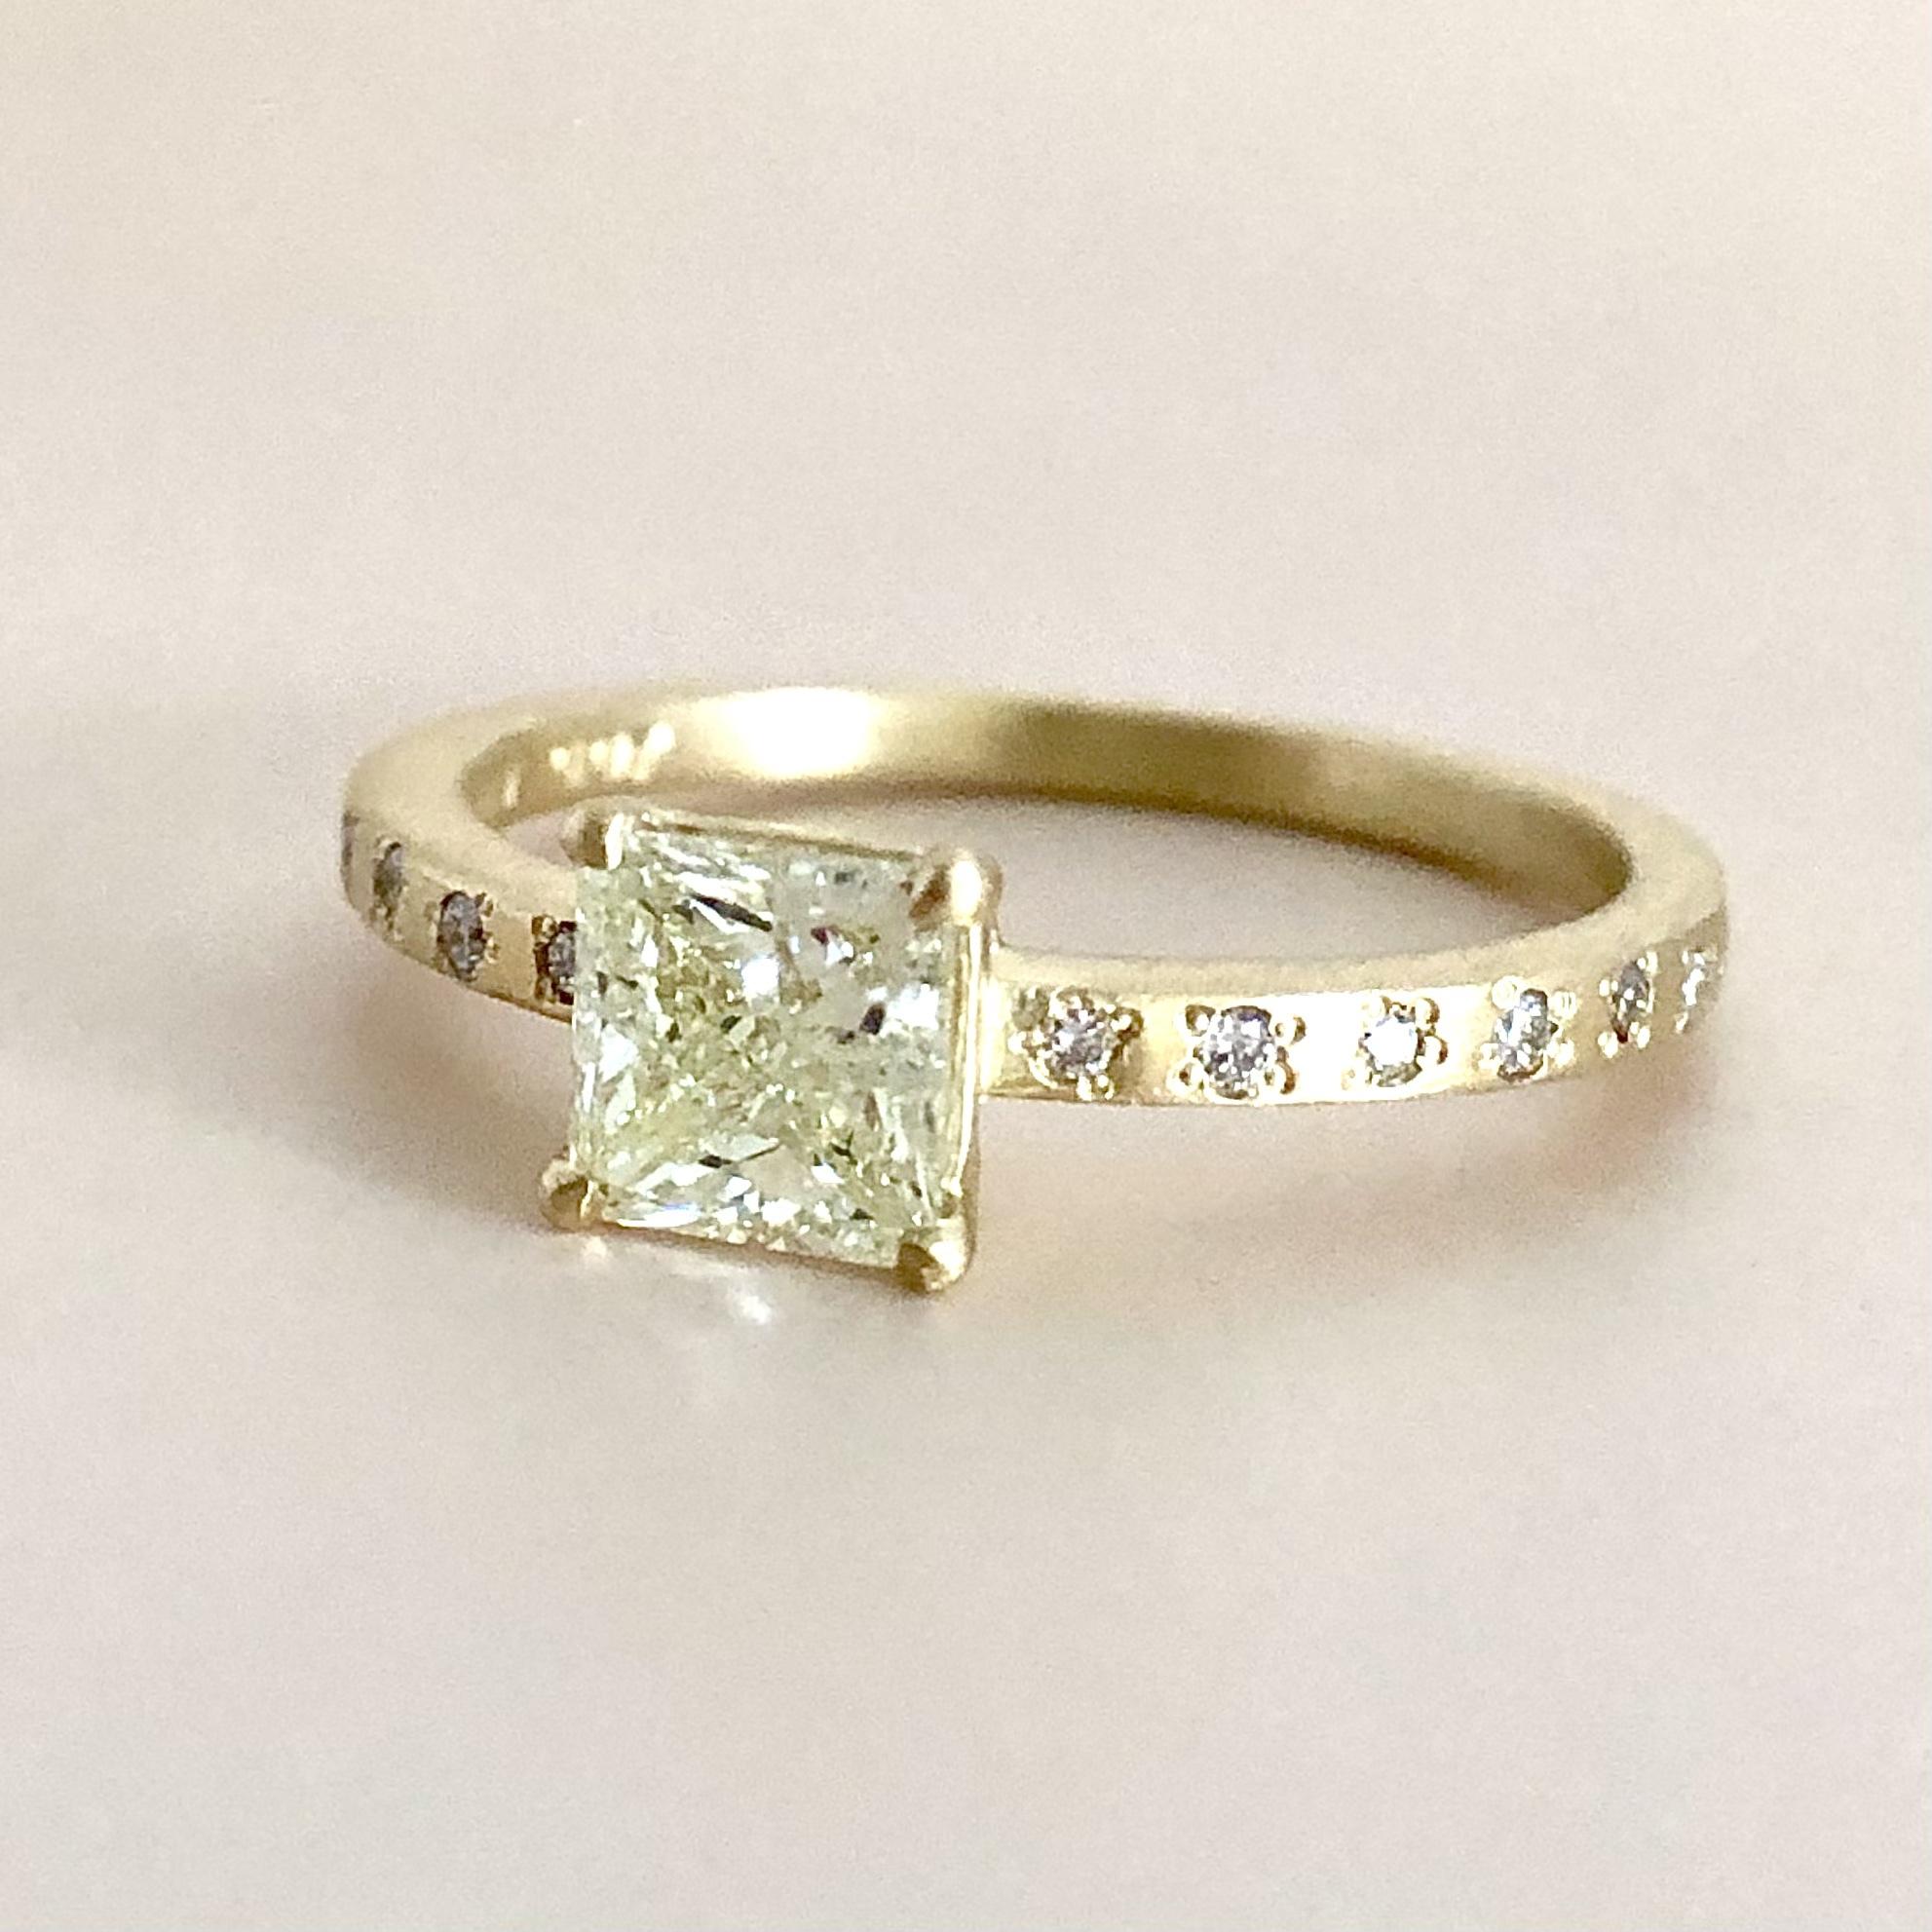 エメラルドカット  ダイヤモンド リング  0.547ct  K18イエローゴールド チェカ 鑑別書付